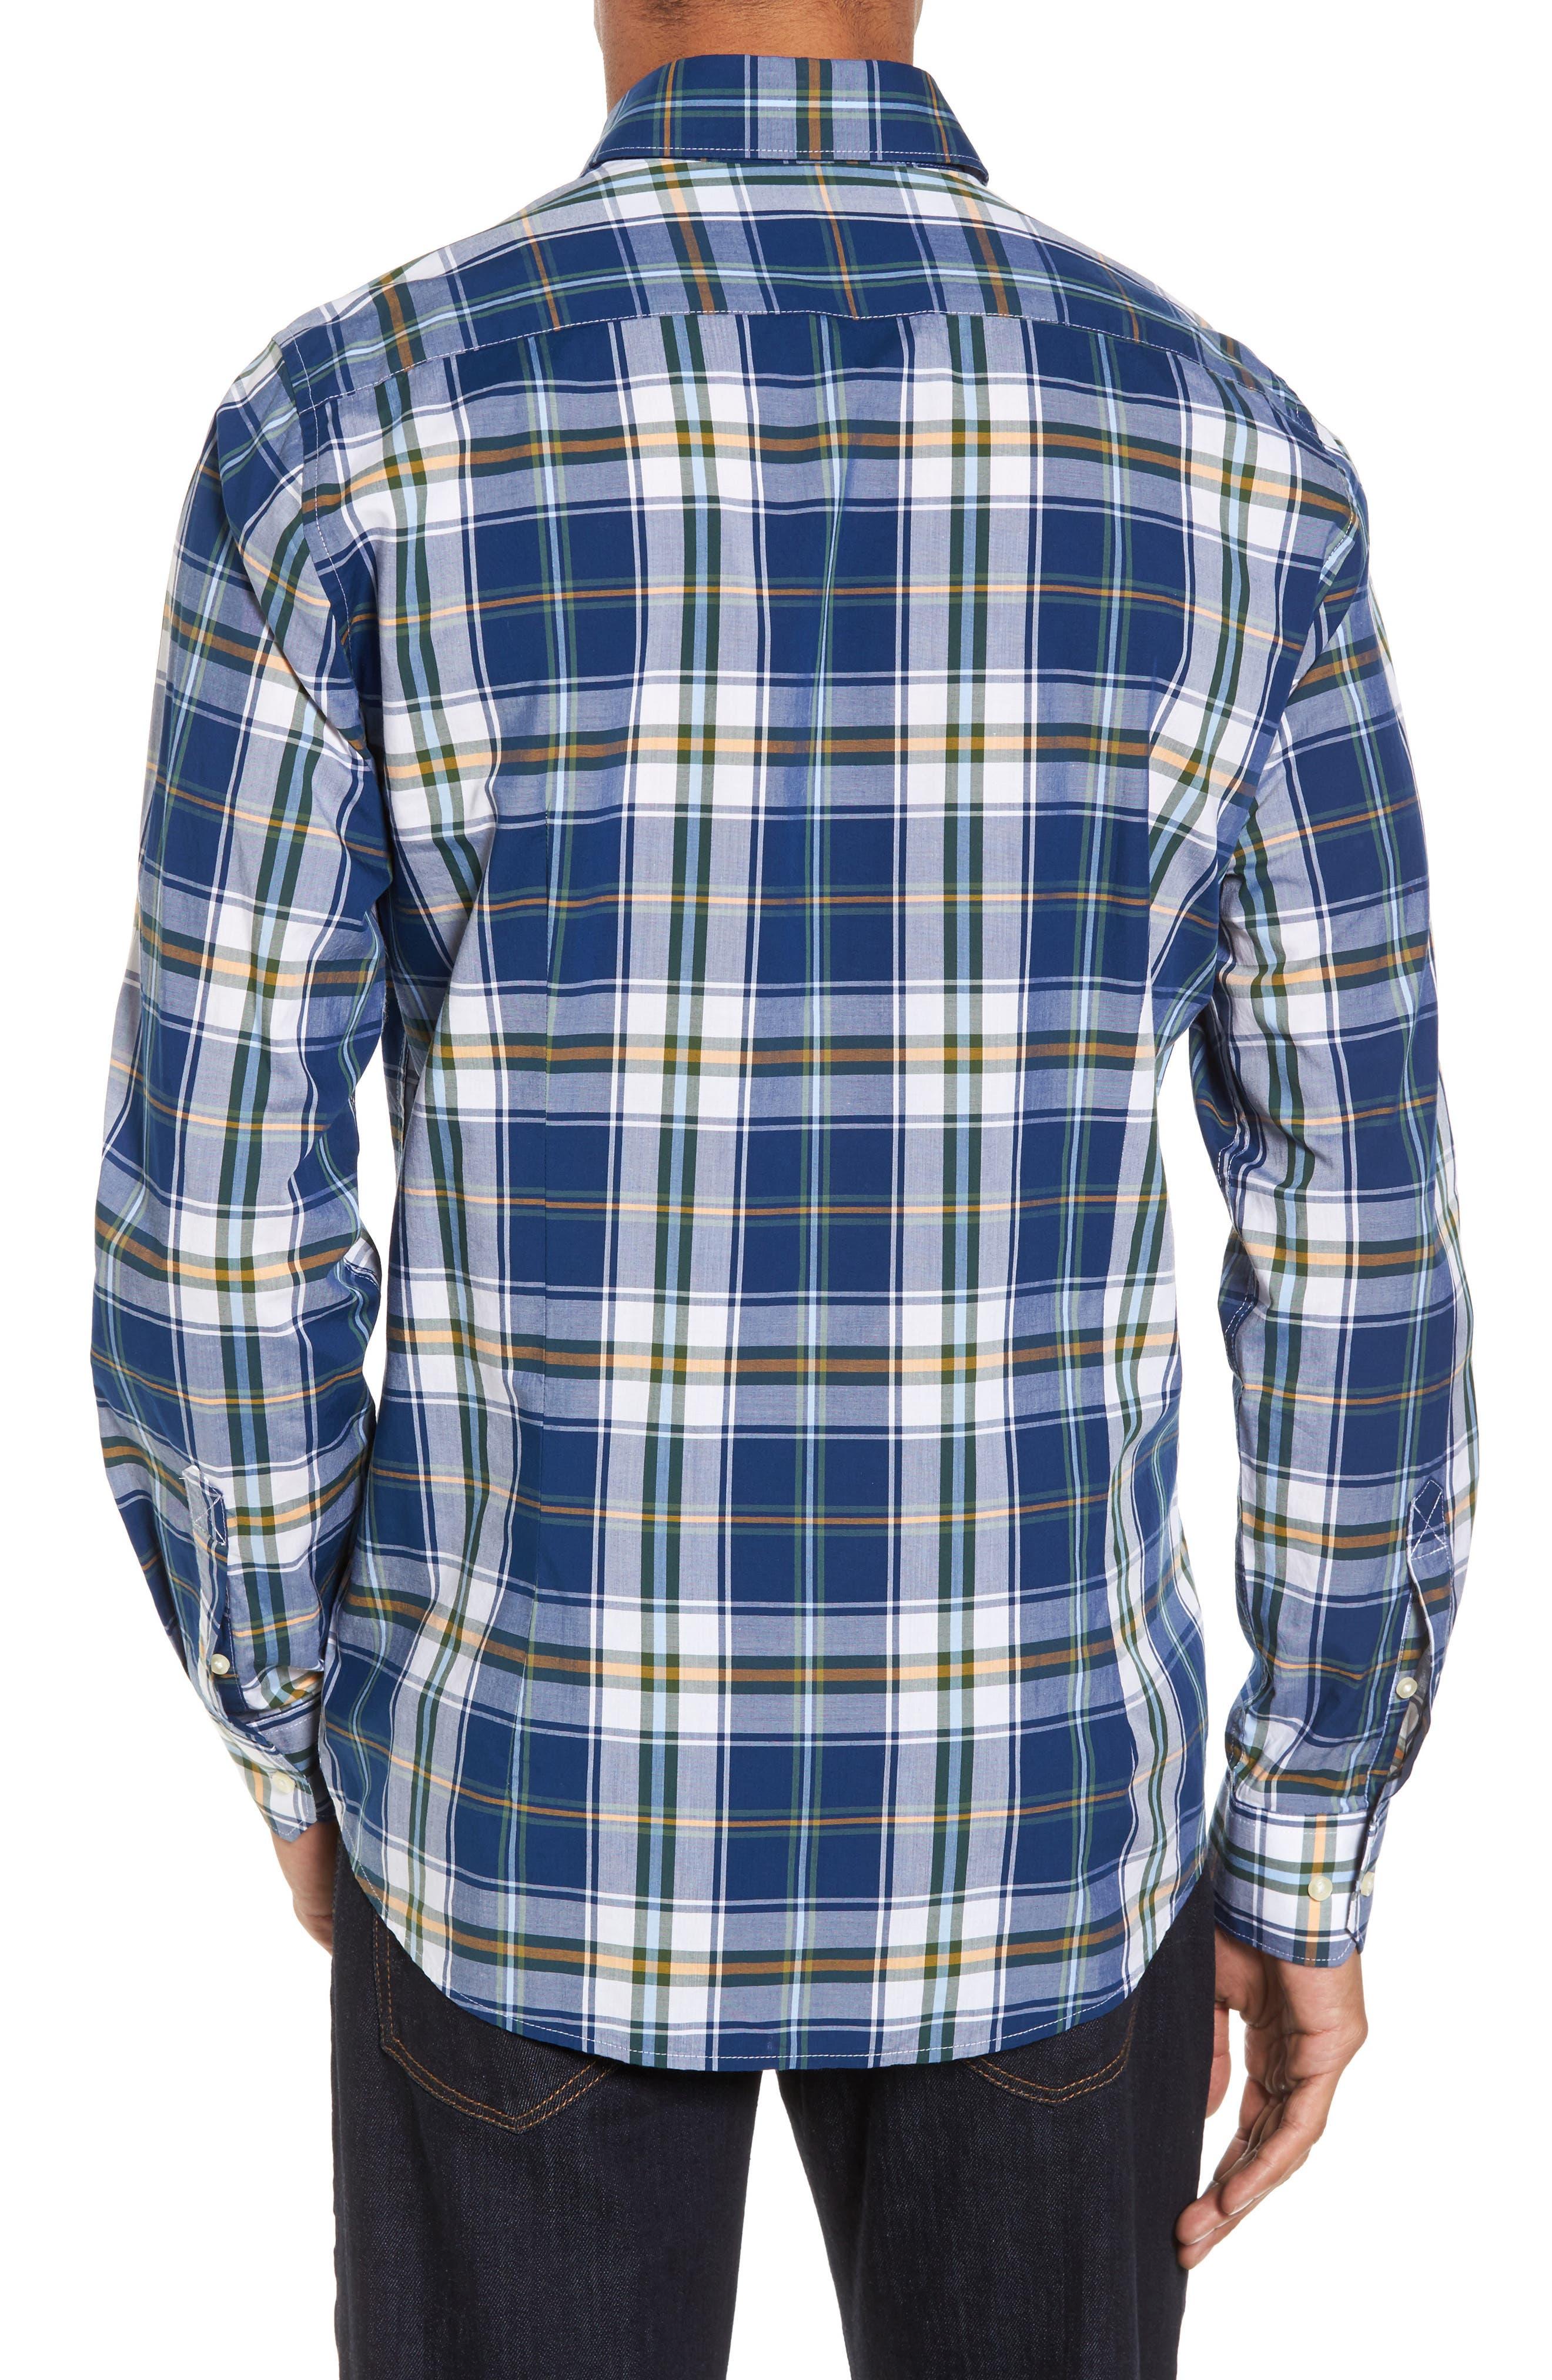 Jeff Trim Fit Plaid Sport Shirt,                             Alternate thumbnail 2, color,                             Deep Blue